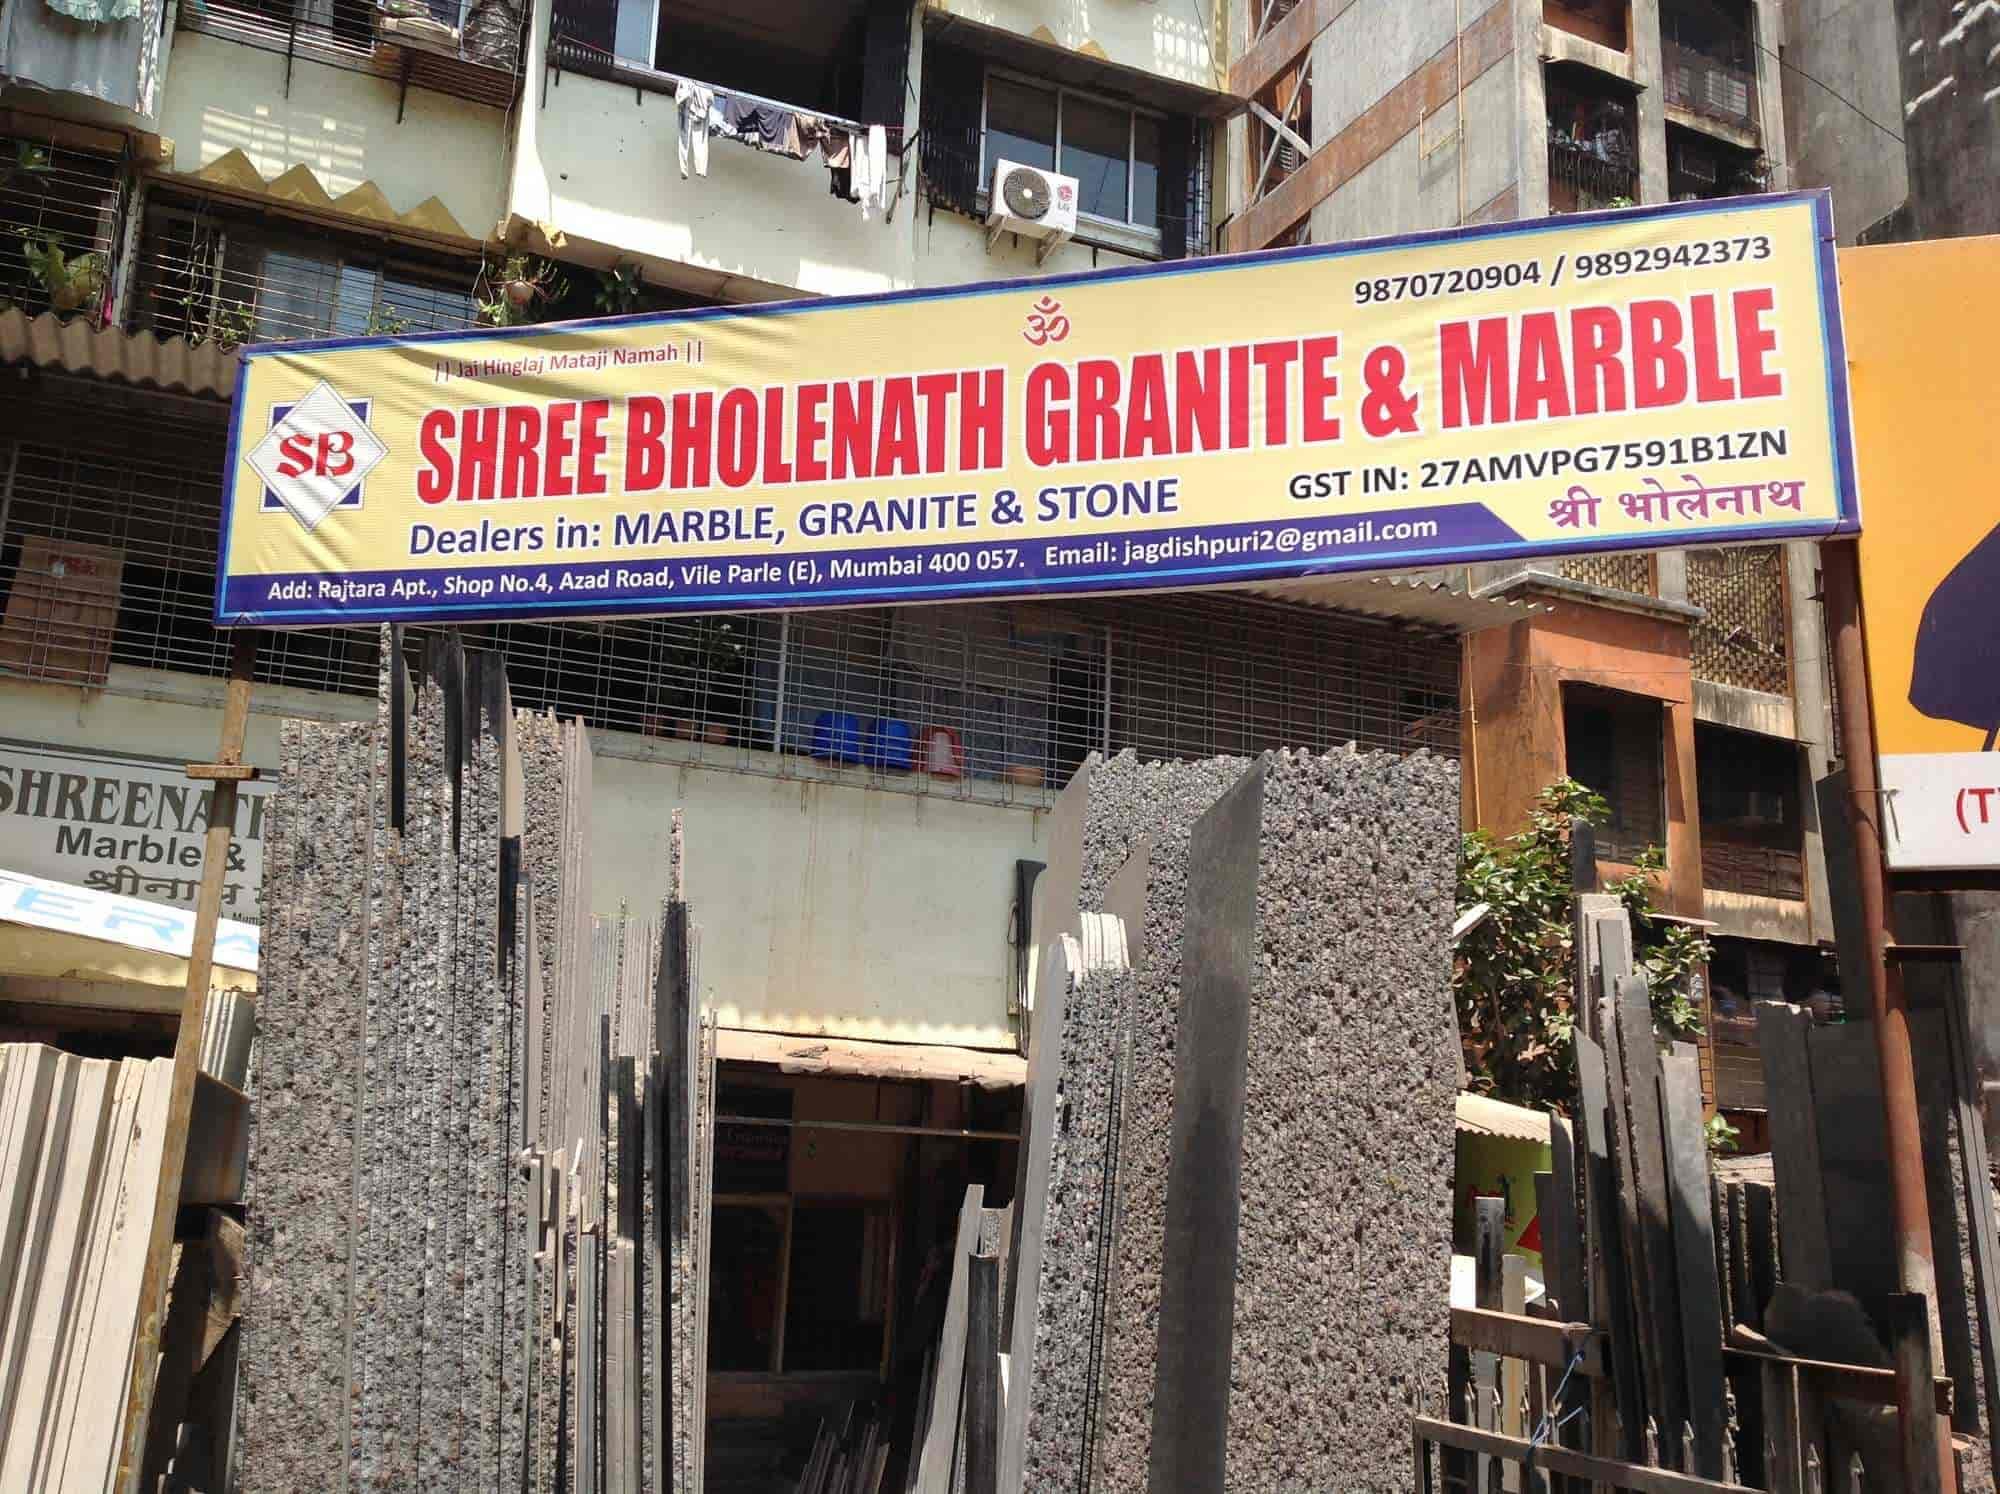 Shree Bholenath Granite & Marble, Vile Parle East - Marble Dealers